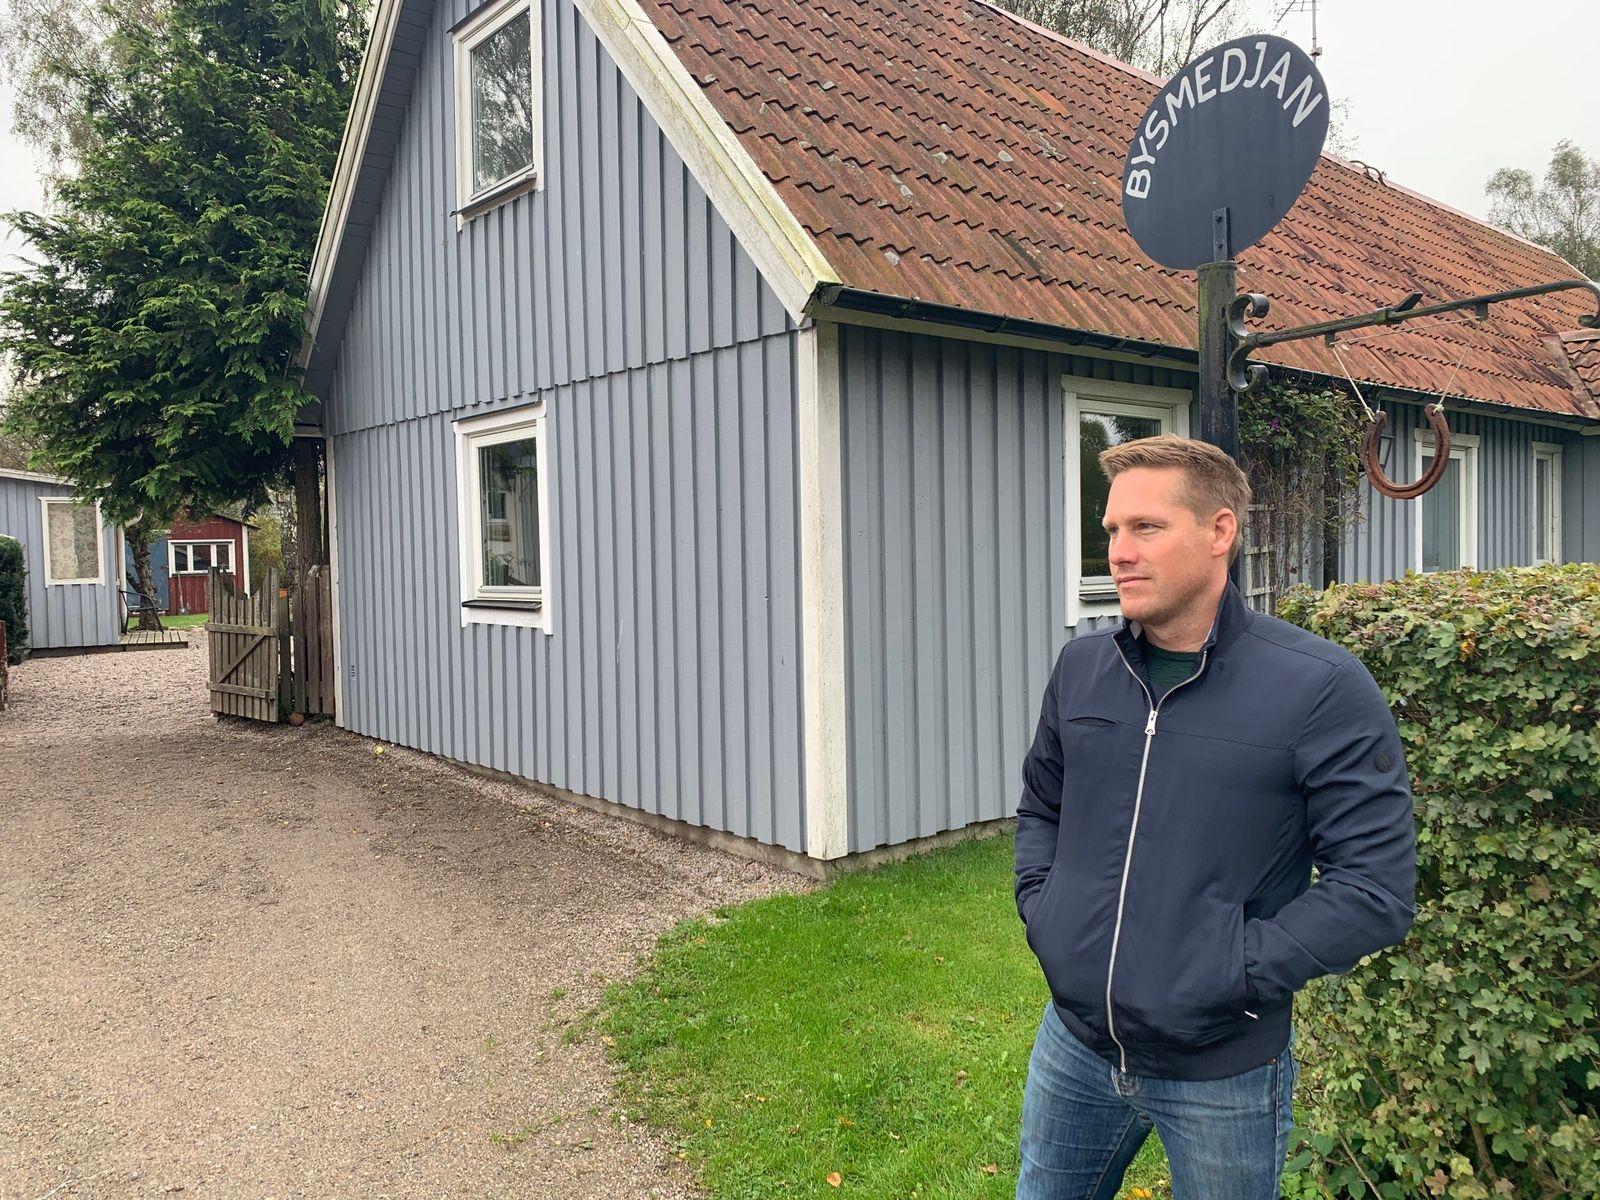 Pierre Eriksson, Brnnestadsvgen 231, Klagstorp | satisfaction-survey.net